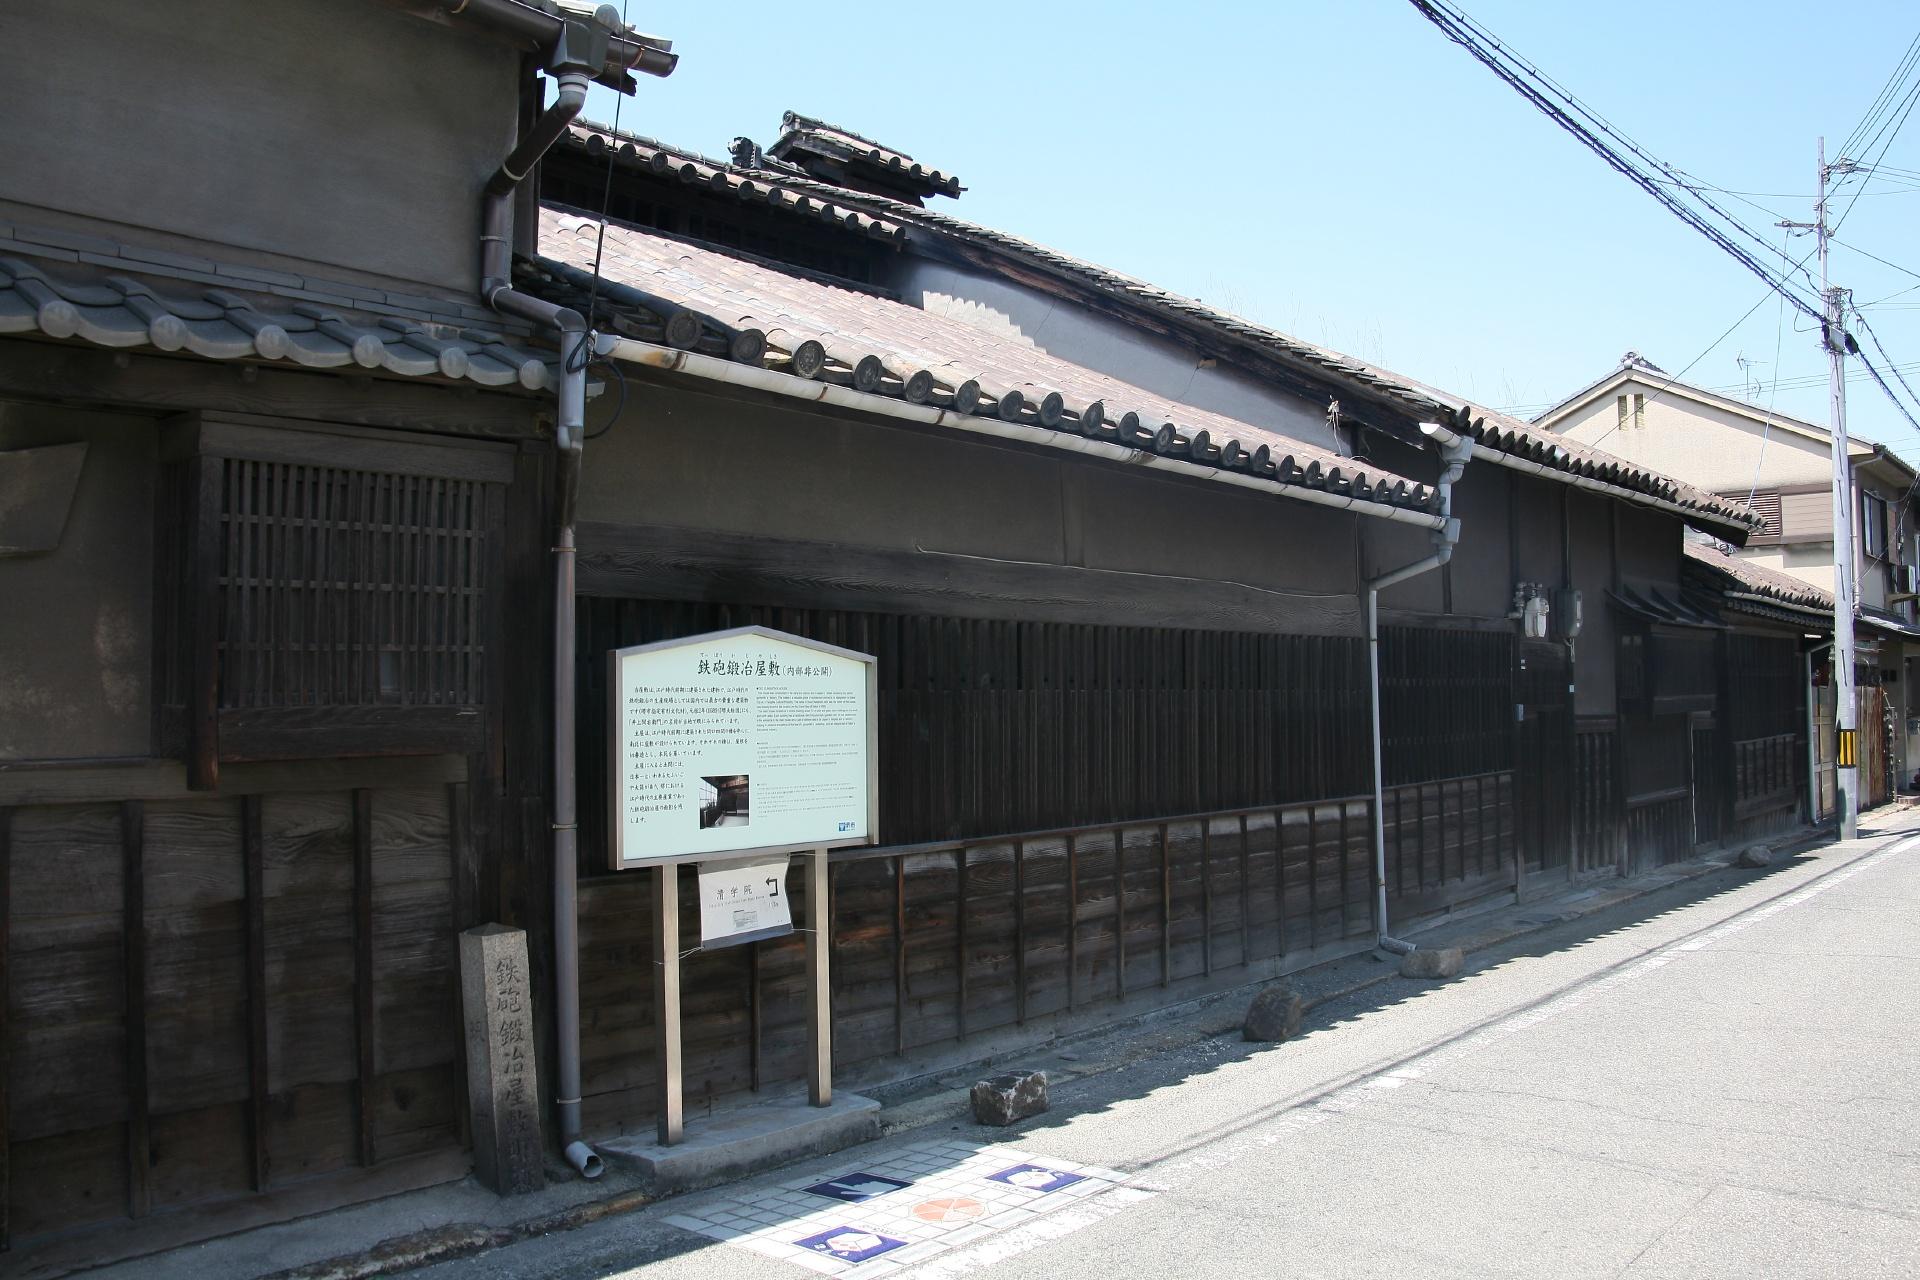 堺の町並み 鉄砲鍛冶屋敷 大阪の風景